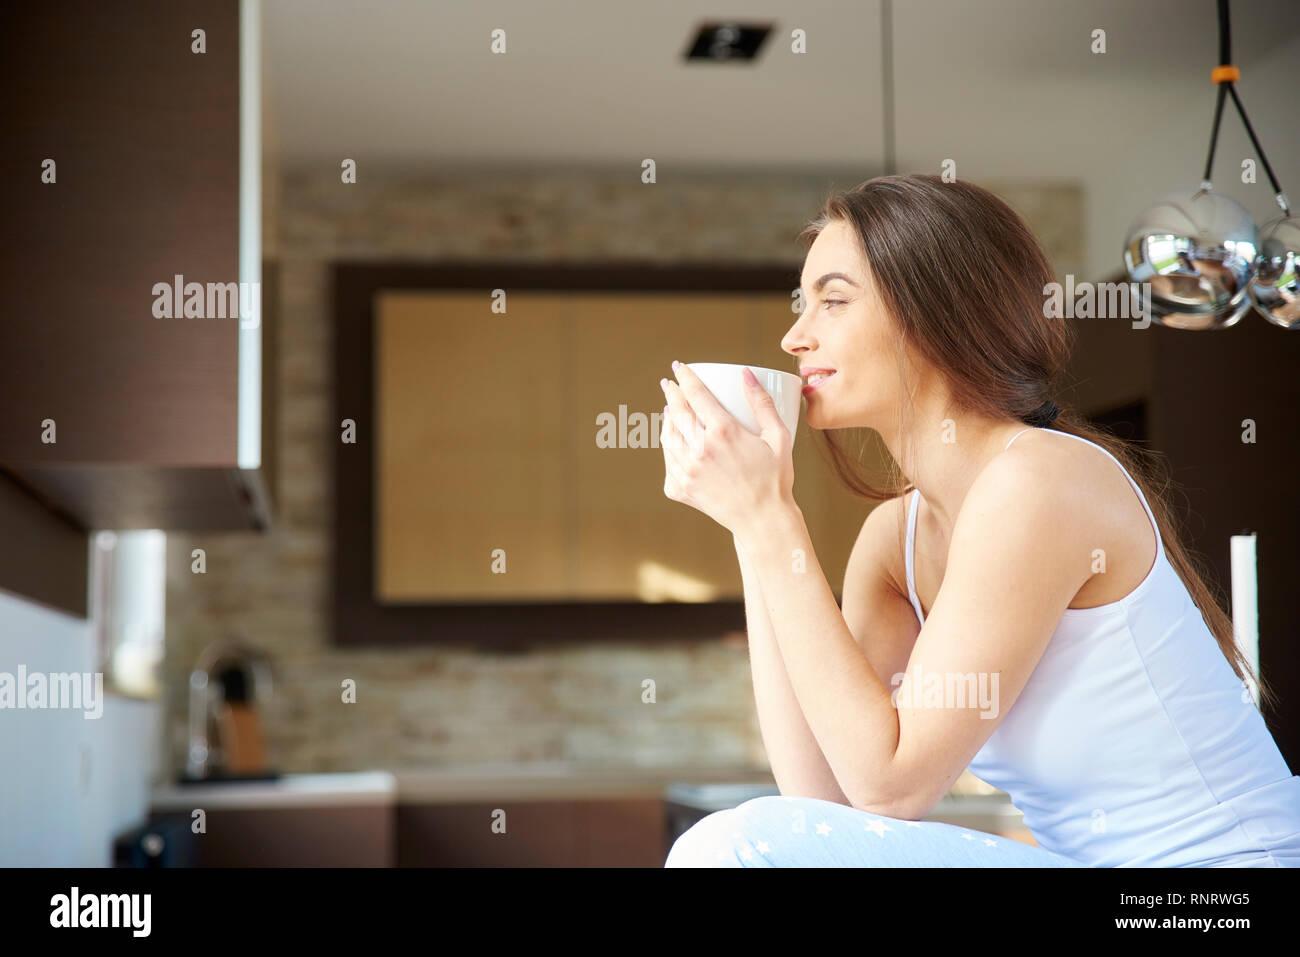 acdf67f3d5 Retrato de joven mujer vistiendo pijamas y beber su té de la mañana  mientras se relaja